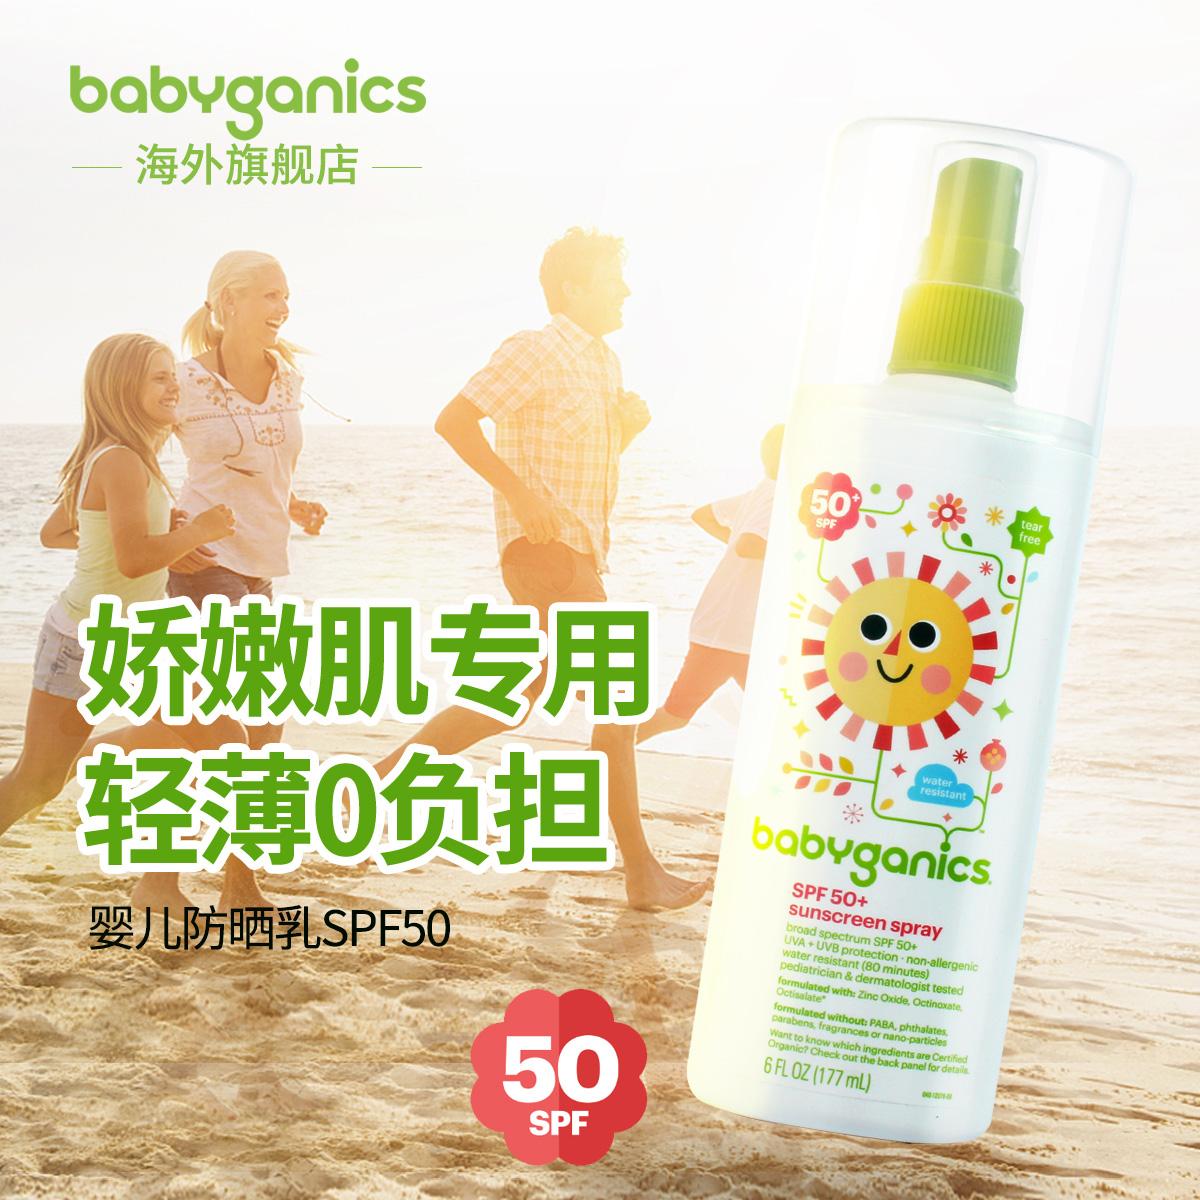 Babyganics Gannick детские Солнцезащитный спрей детские Солнцезащитный детские на младенца Солнцезащитный лосьон spf50